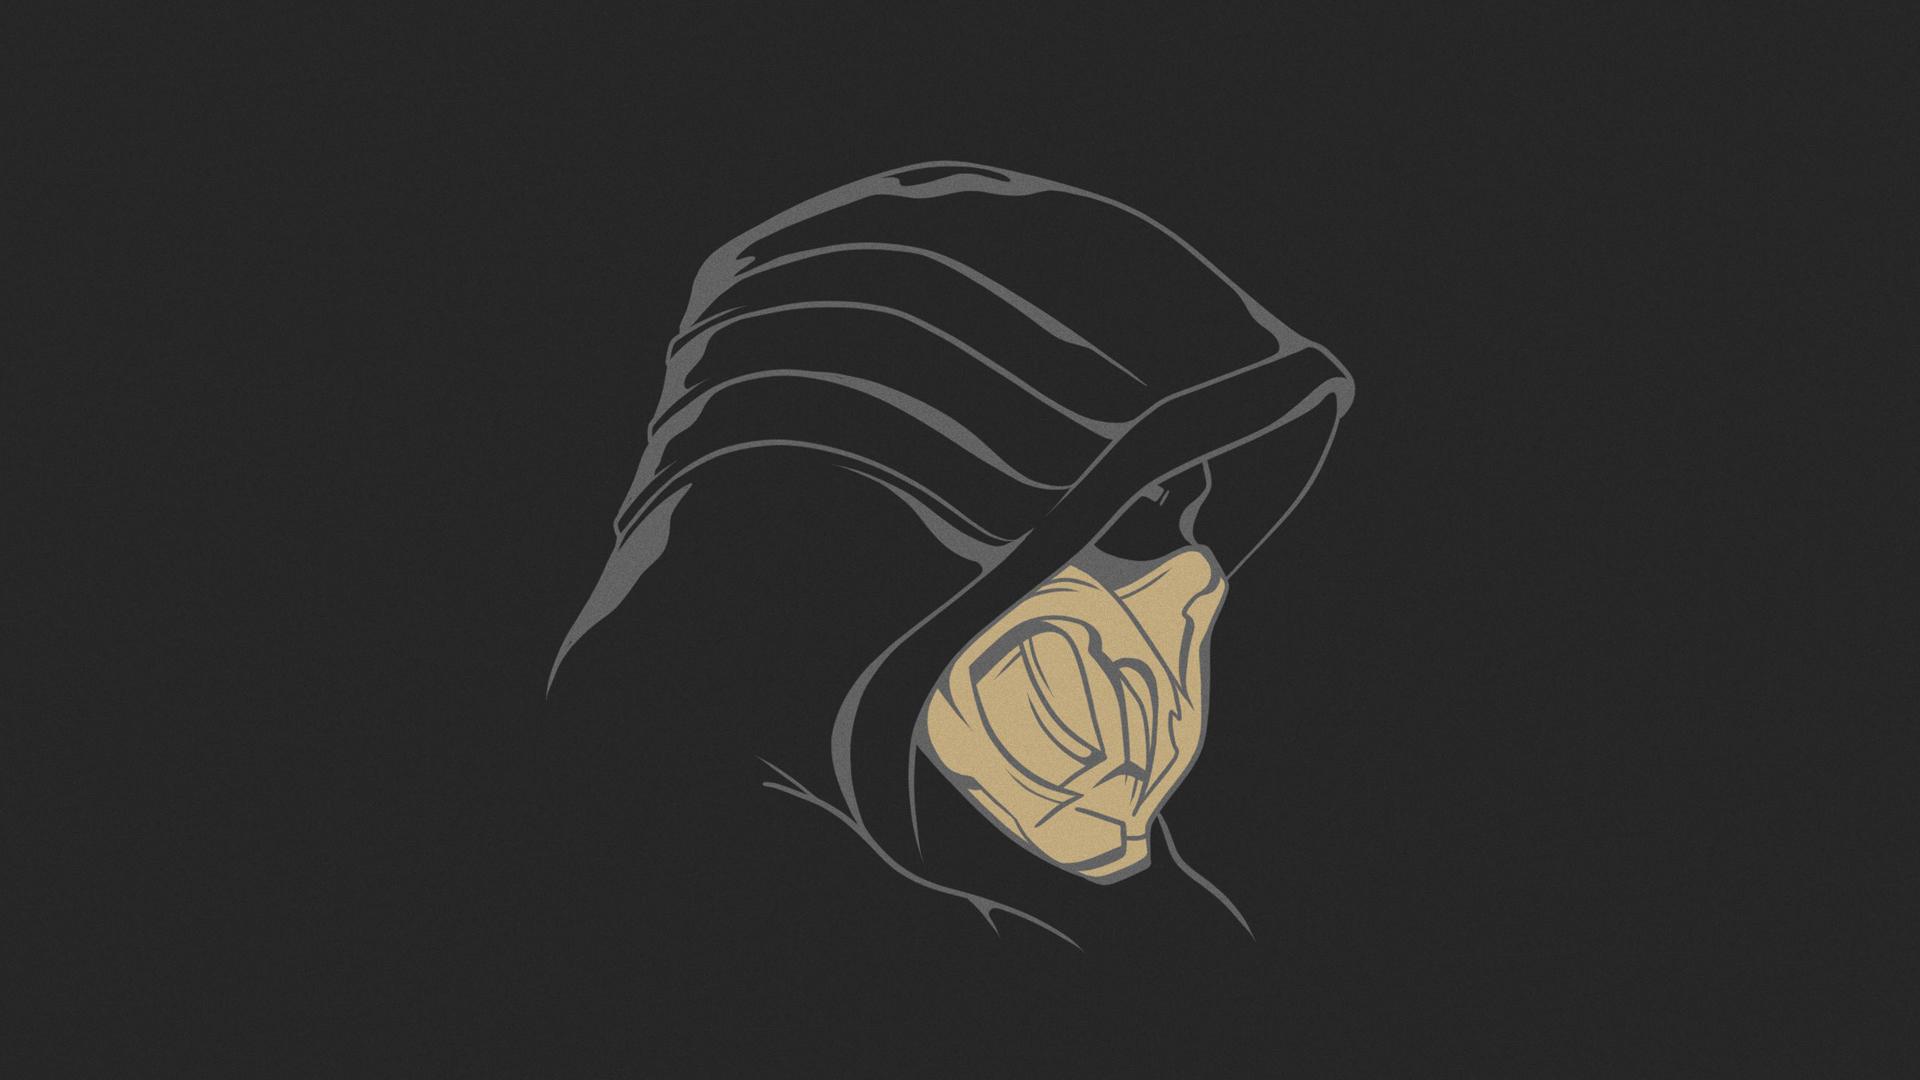 3840x2400 Scorpion Mortal Kombat 4k 3840x2400 Resolution Wallpaper